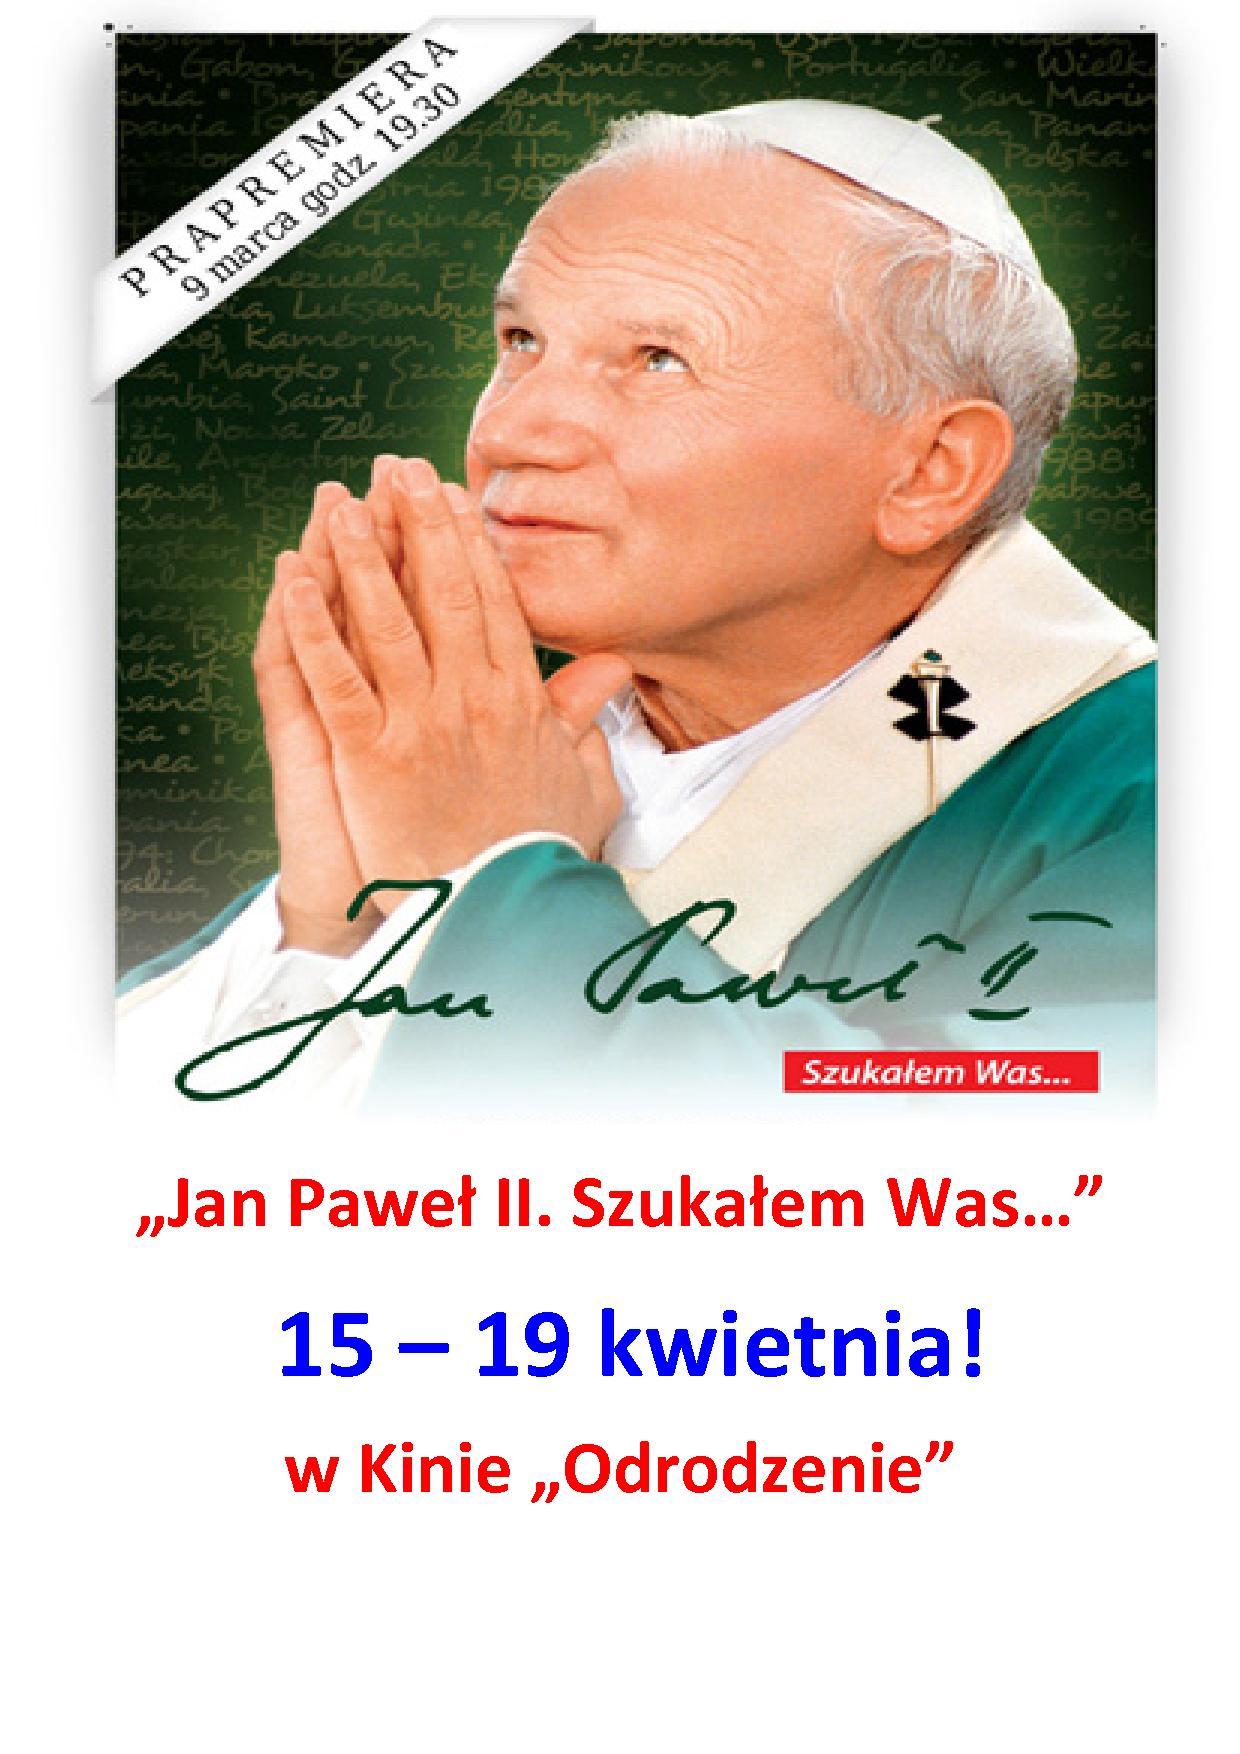 Jan Paweł II. Szukałem Was....jpeg